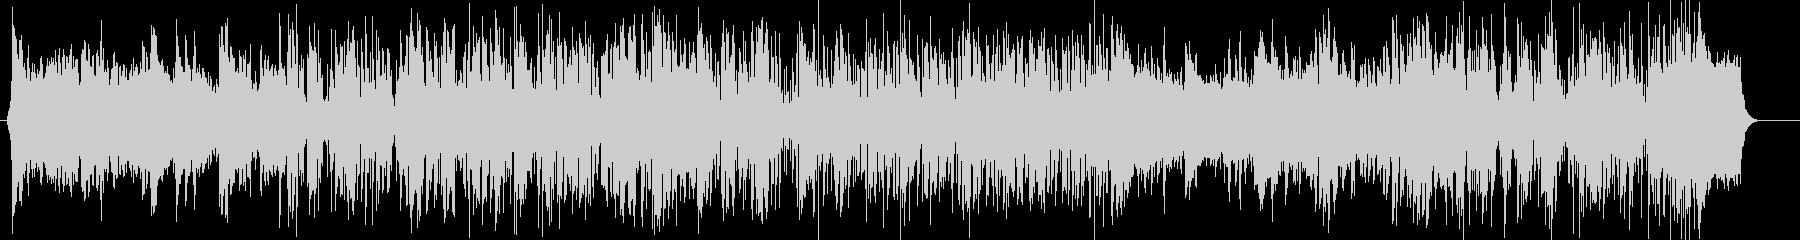 サックスの旋律がおしゃれなフュージョンの未再生の波形